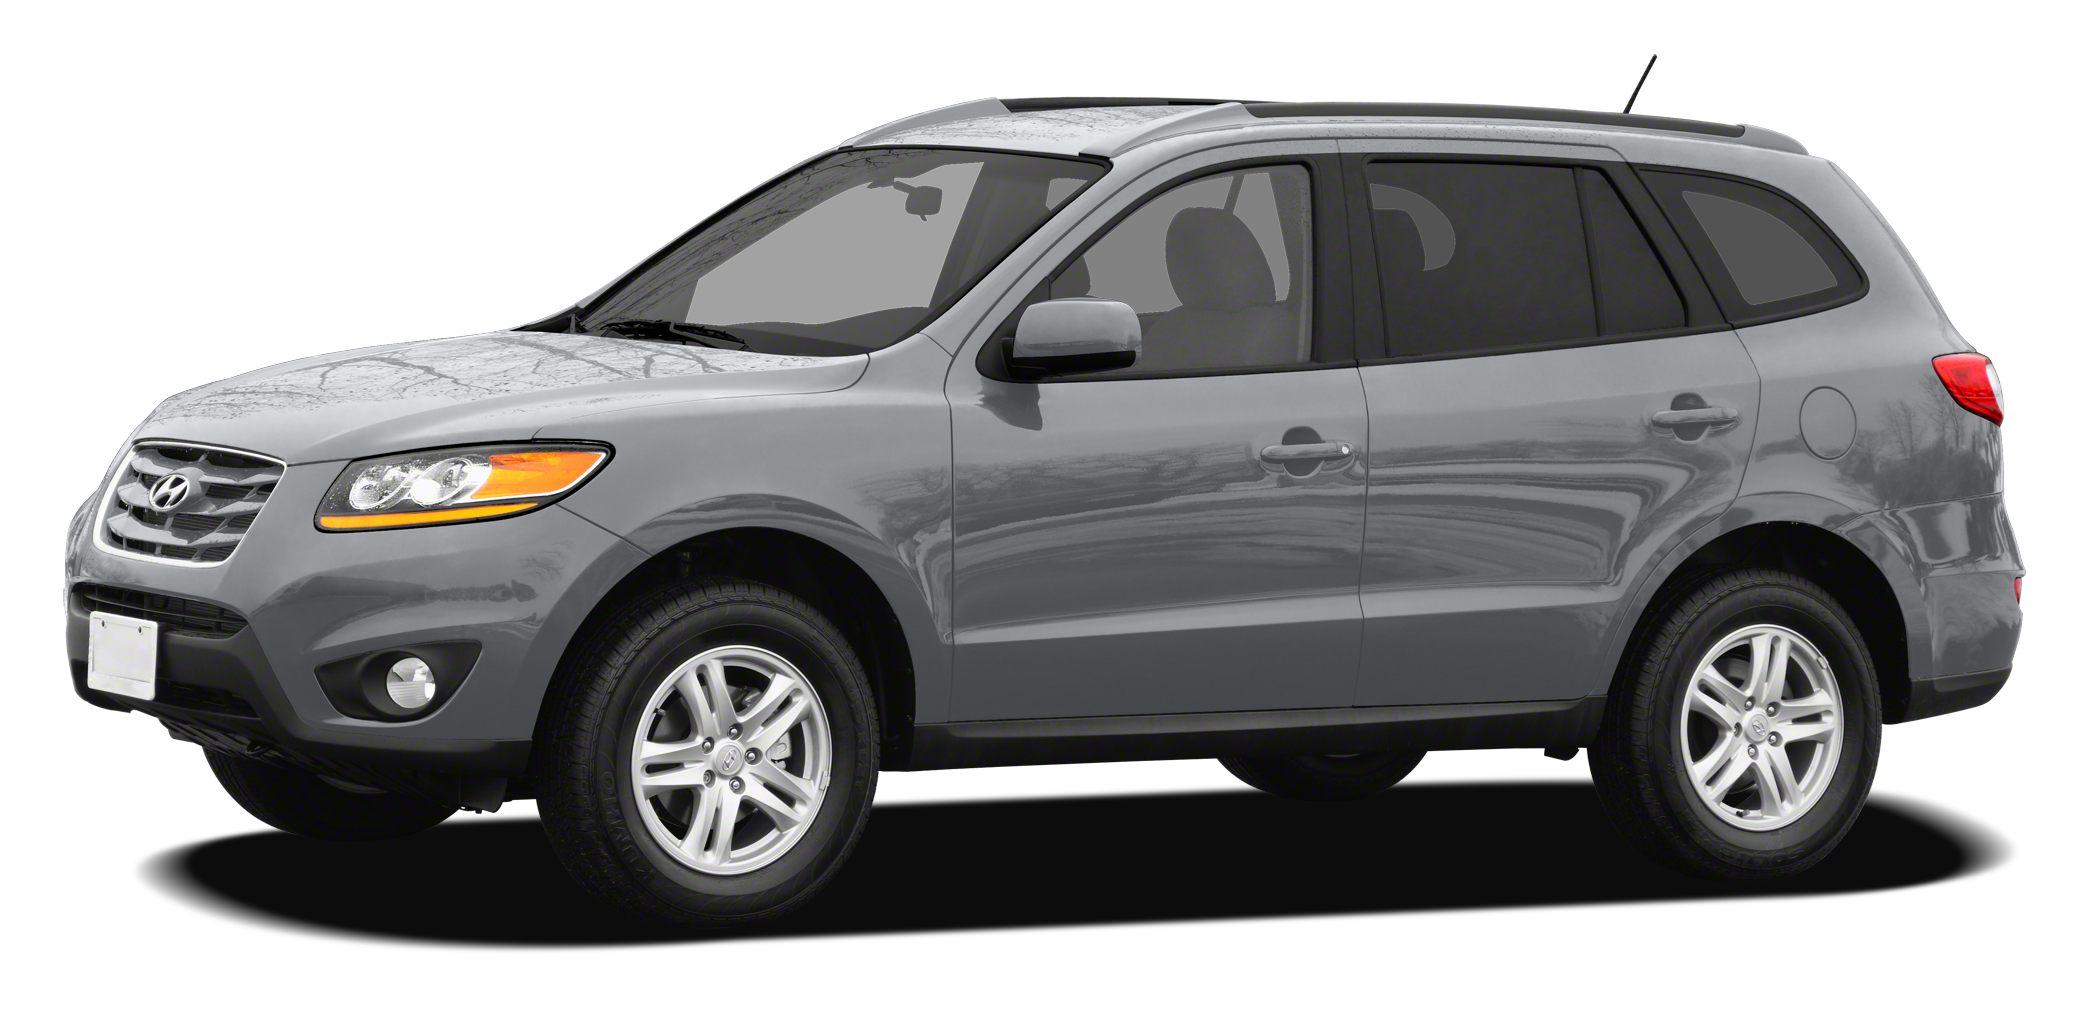 2011 Hyundai